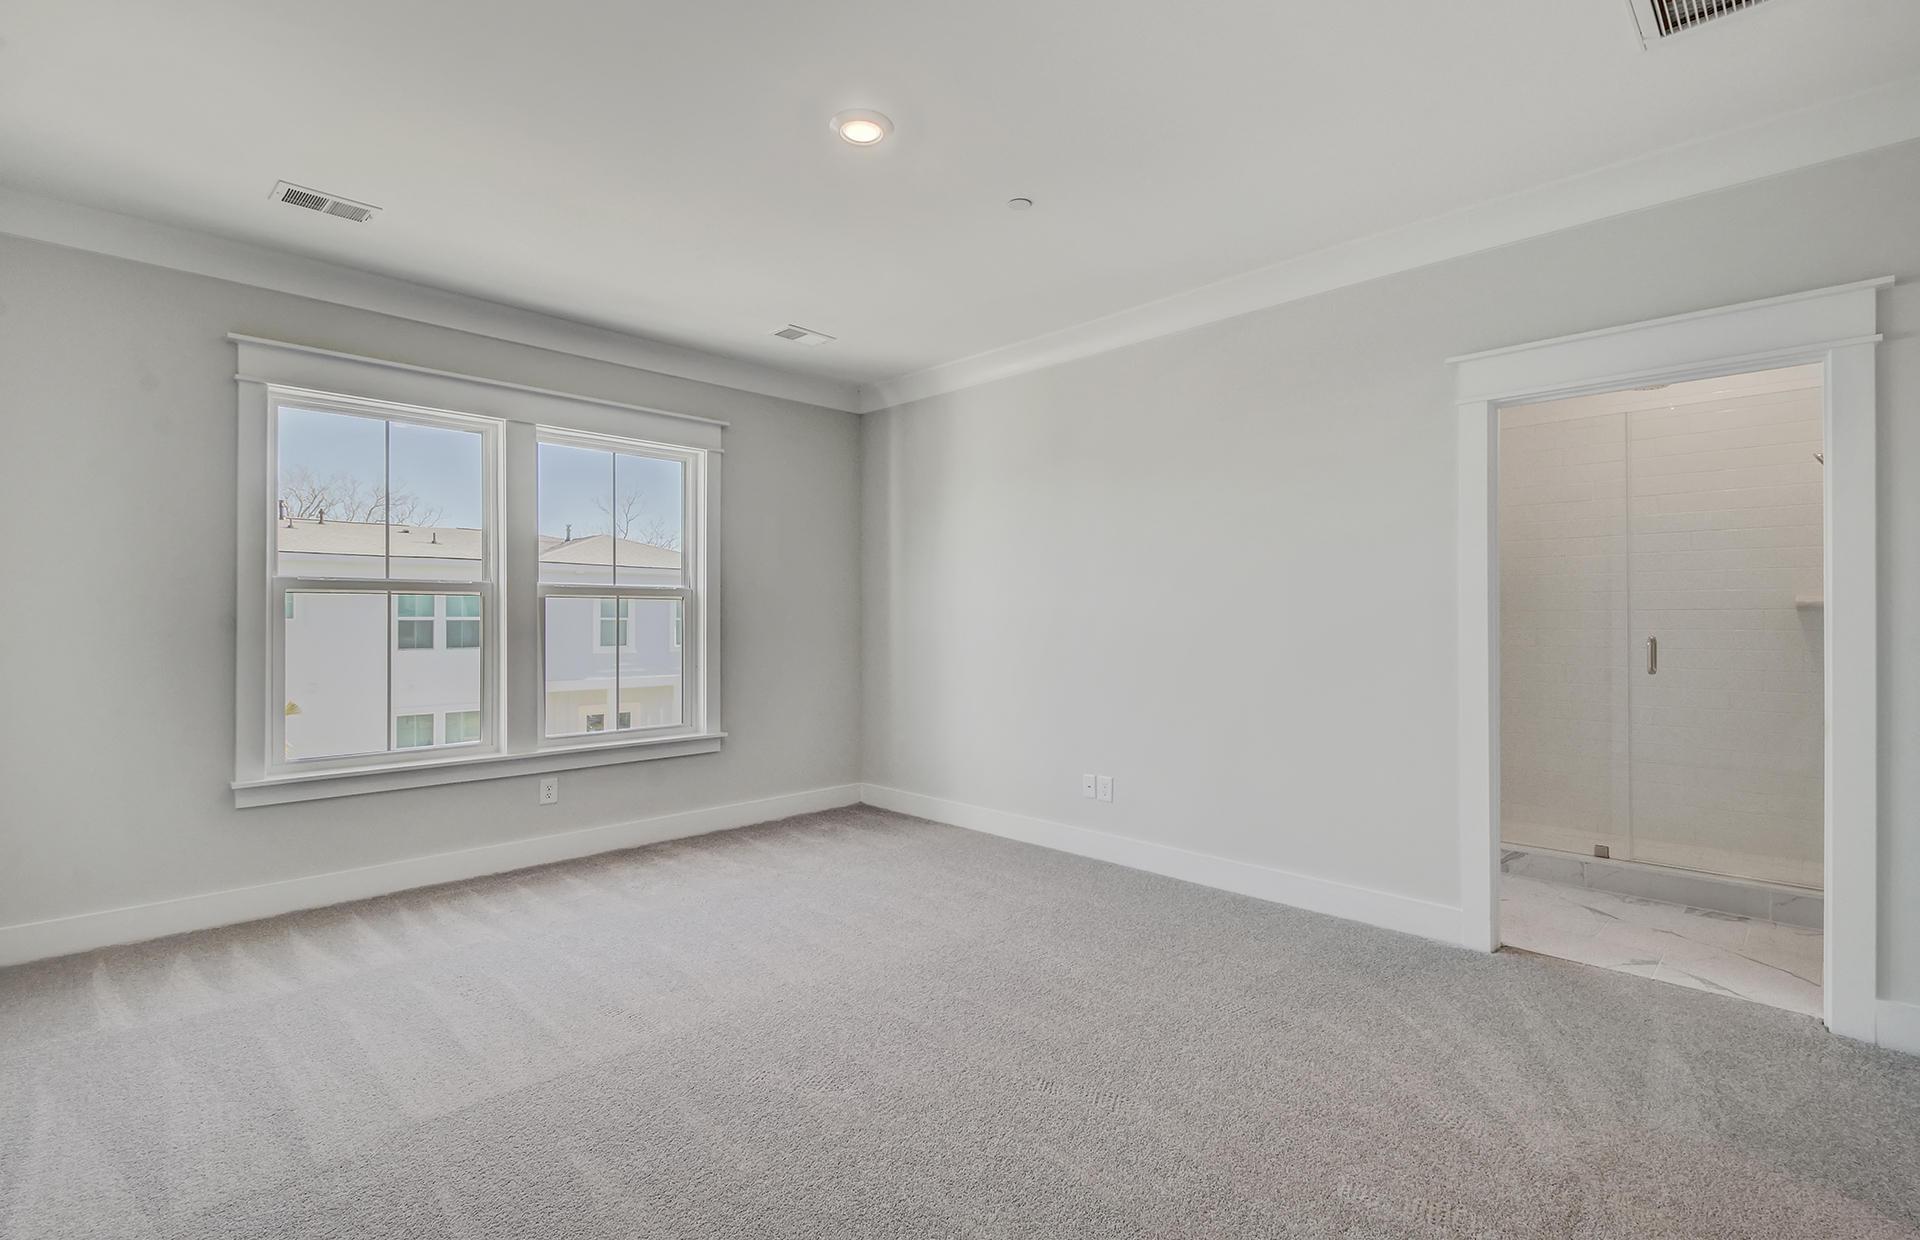 Kings Flats Homes For Sale - 110 Alder, Charleston, SC - 2